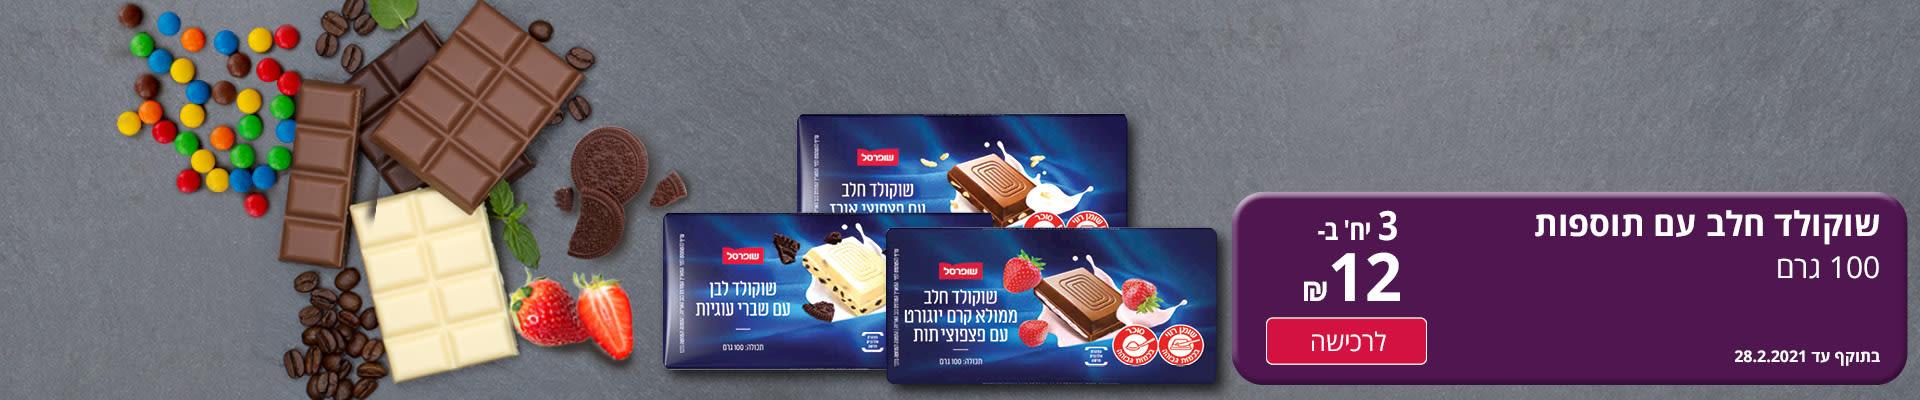 שוקולד חלב עם תוספות 100 גרם 3 יח' ב- 12 ₪ לרכישה בתוקף עד 28.2.2021